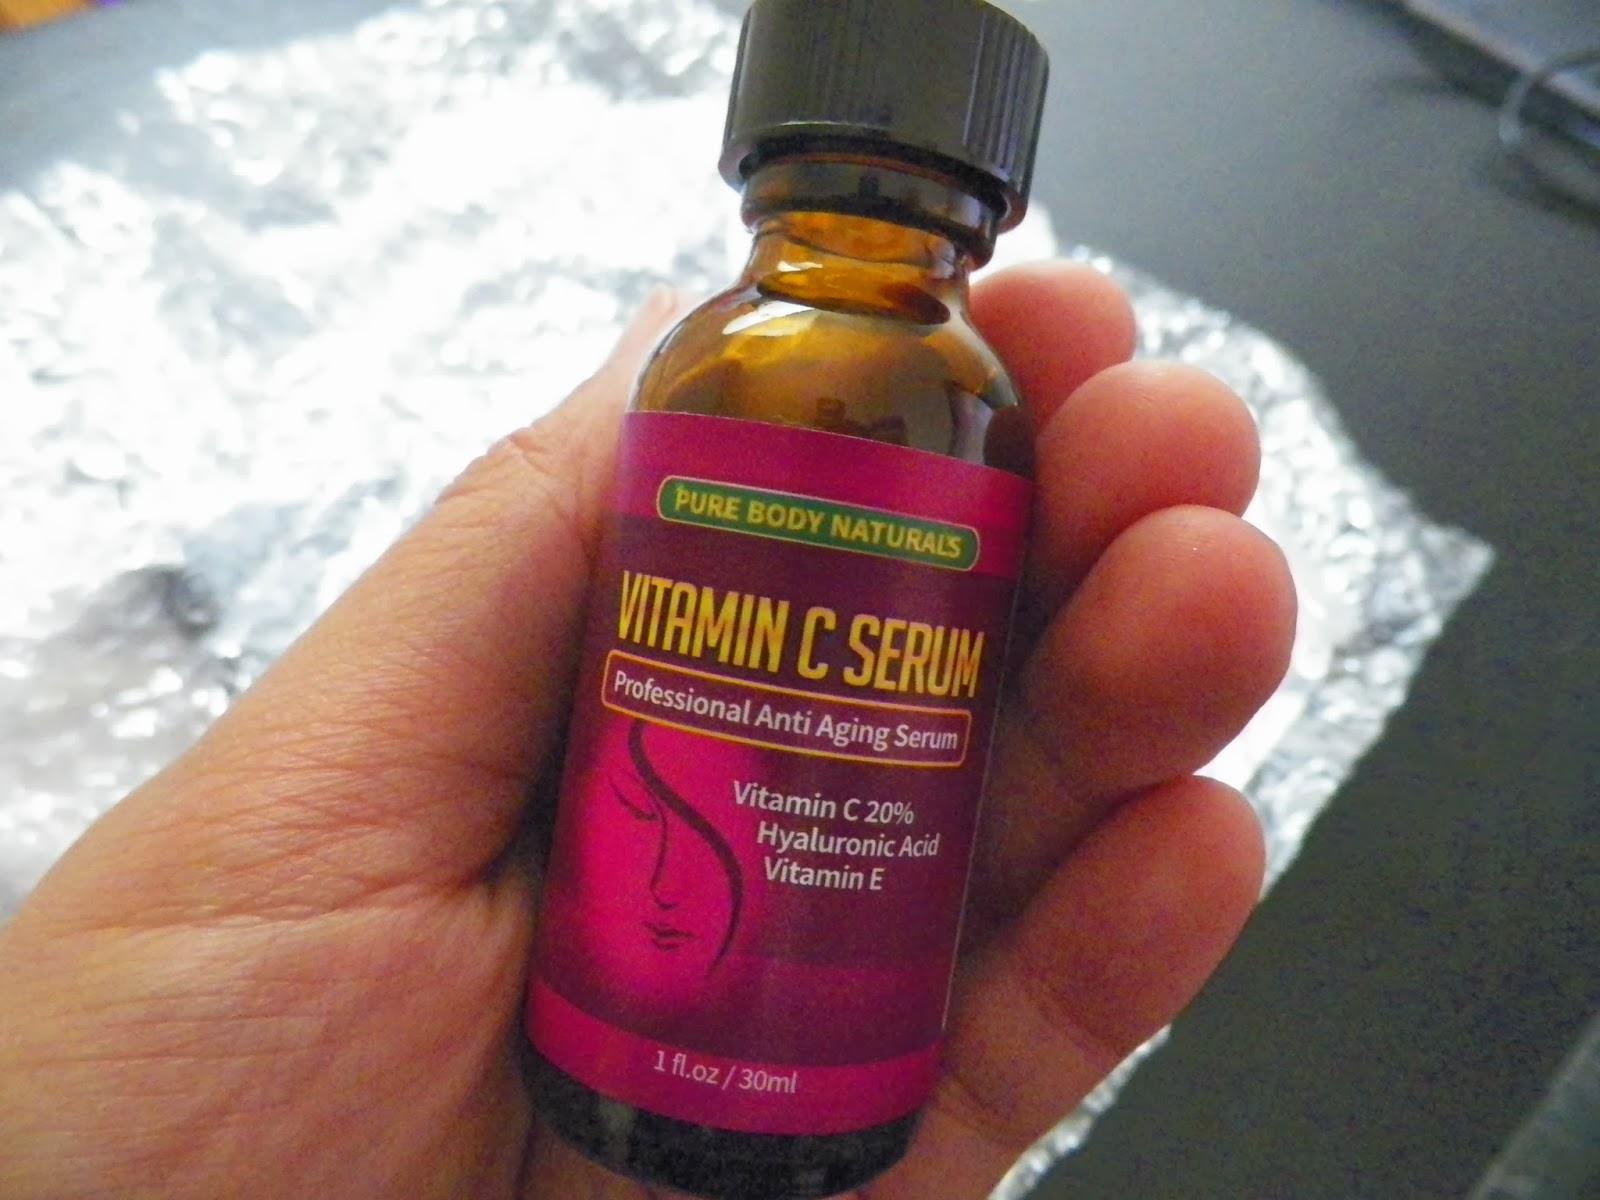 Pure Body Naturals Coconut Milk Body Scrub Review